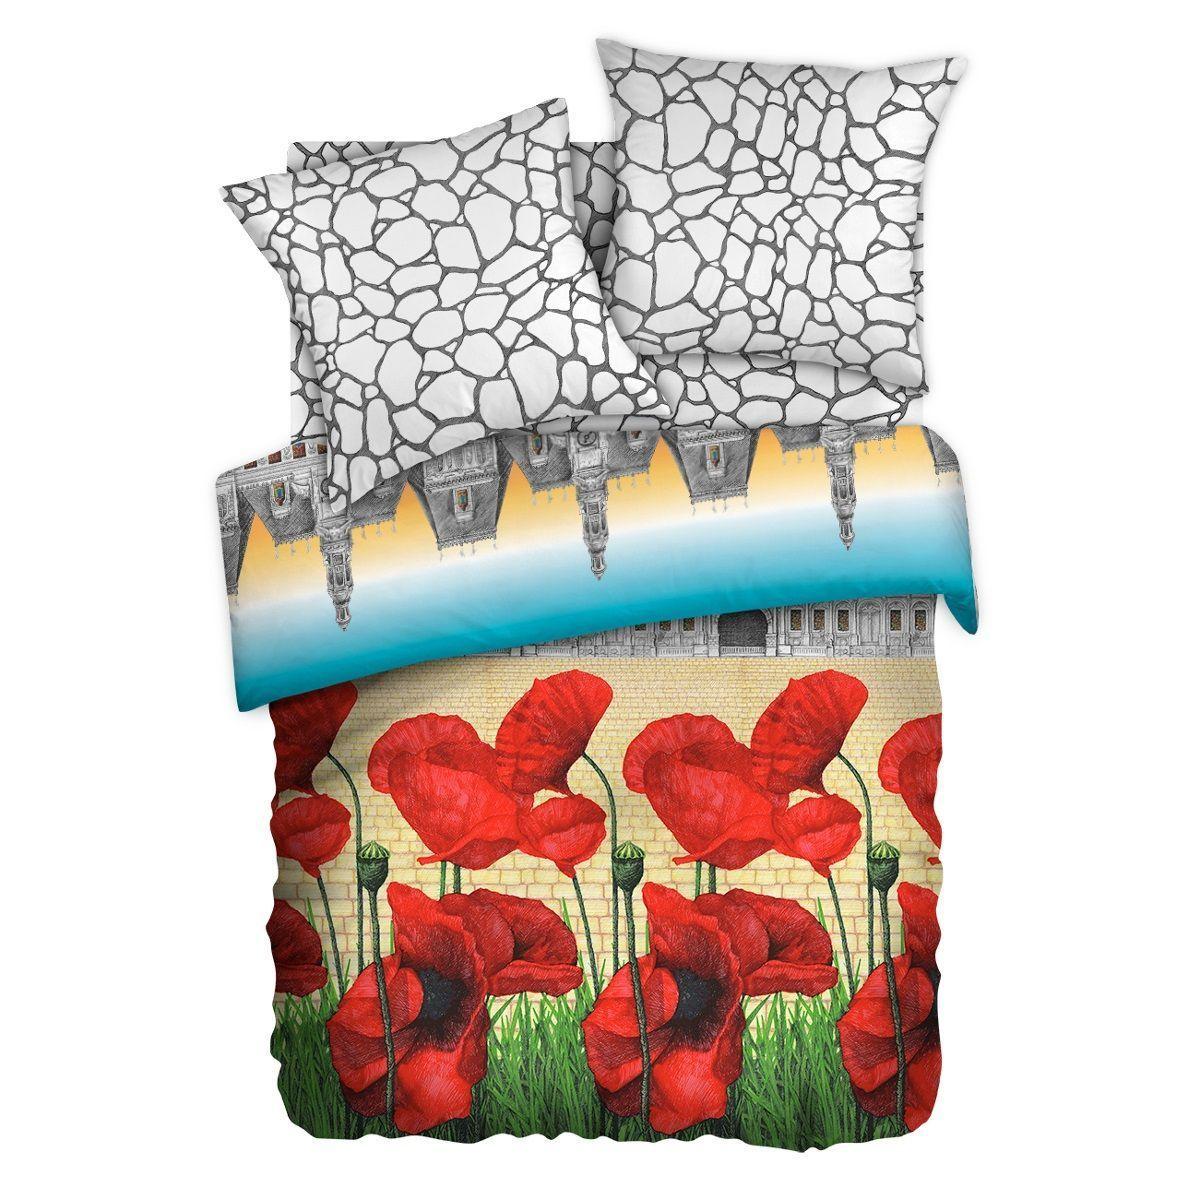 КПБ Евро Унисон биоматин NEW КБУбм-40/1 книжка рис.11815/11813 вид 1 Французская сказка (276887)Постельное бельё<br><br> Постельное белье торговой марки «Унисон Биоматин» - это домашний текстиль премиум класса с эксклюзивными дизайнами в разнообразных стилистических решениях. Комплекты данной серии выполнены из ткани «биоматин» - это 100% хлопок высочайшего качества, мягкий, тонкий и легкий, но при этом прочный, долговечный и очень практичный, с повышенным показателем износостойкости, обладающий грязе- и пылеотталкивающими свойствами, долго сохраняющий чистоту и свежесть постельного белья, гипоаллергенный.<br><br><br> Размеры:<br><br> Пододеяльник: 215*220 см (1шт).<br> Простынь: 220*240 см (1шт).<br> Наволочки: 50*70 см (2шт).<br><br> Торговая марка: Унисон Биоматин.<br><br><br> Производитель: Неотек.<br><br><br> Страна производства: Россия.<br><br><br> Материал: Биоматин (100% хлопок).<br><br><br> * Цвет товара зависит от настроек вашего монитора и может не соответствовать реальному<br><br>